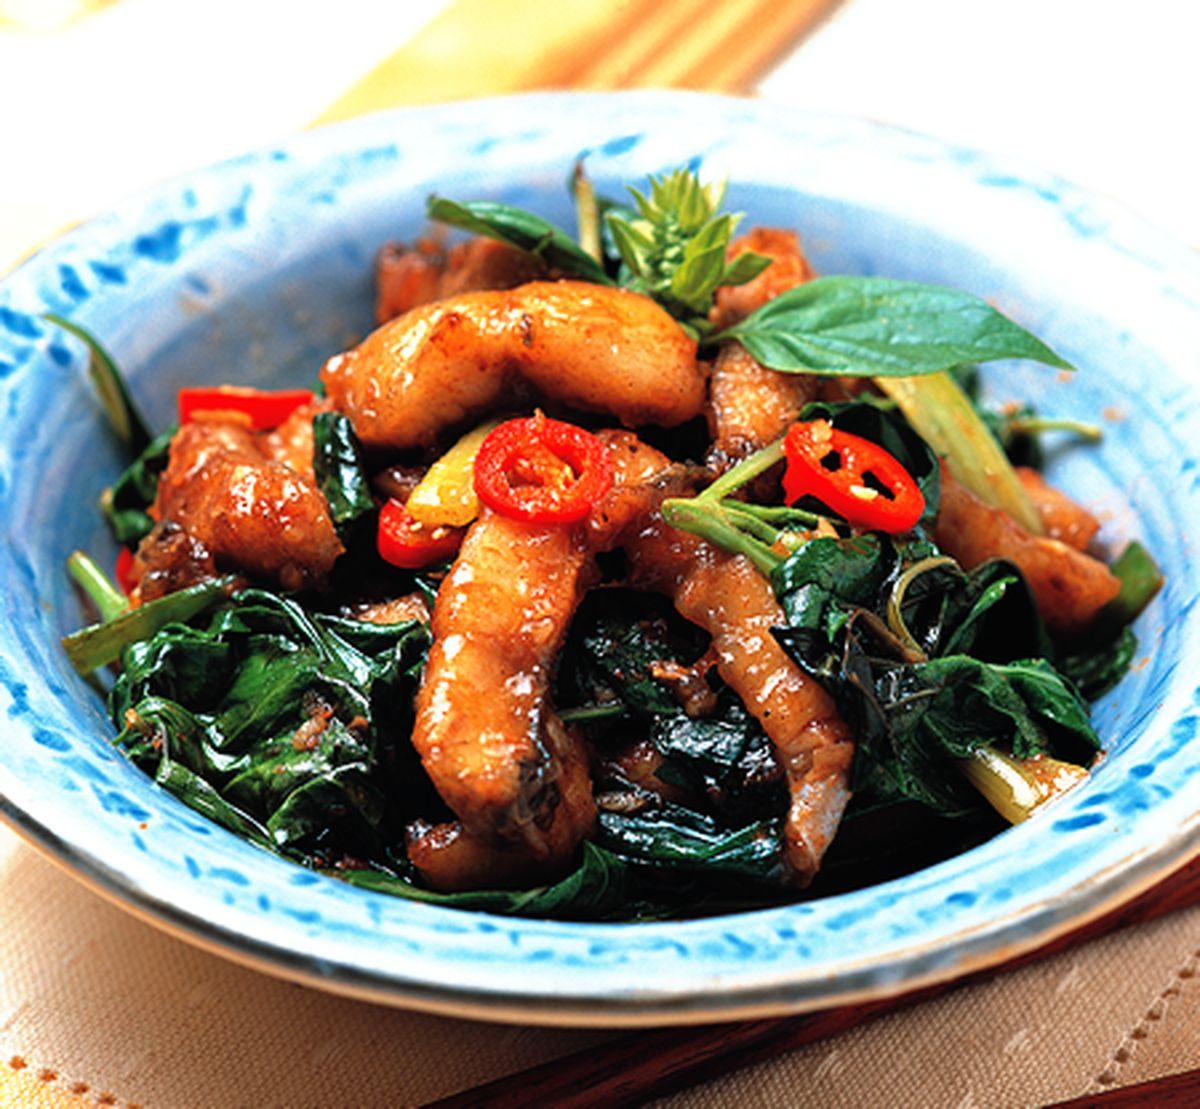 食譜:沙茶炒鰻魚